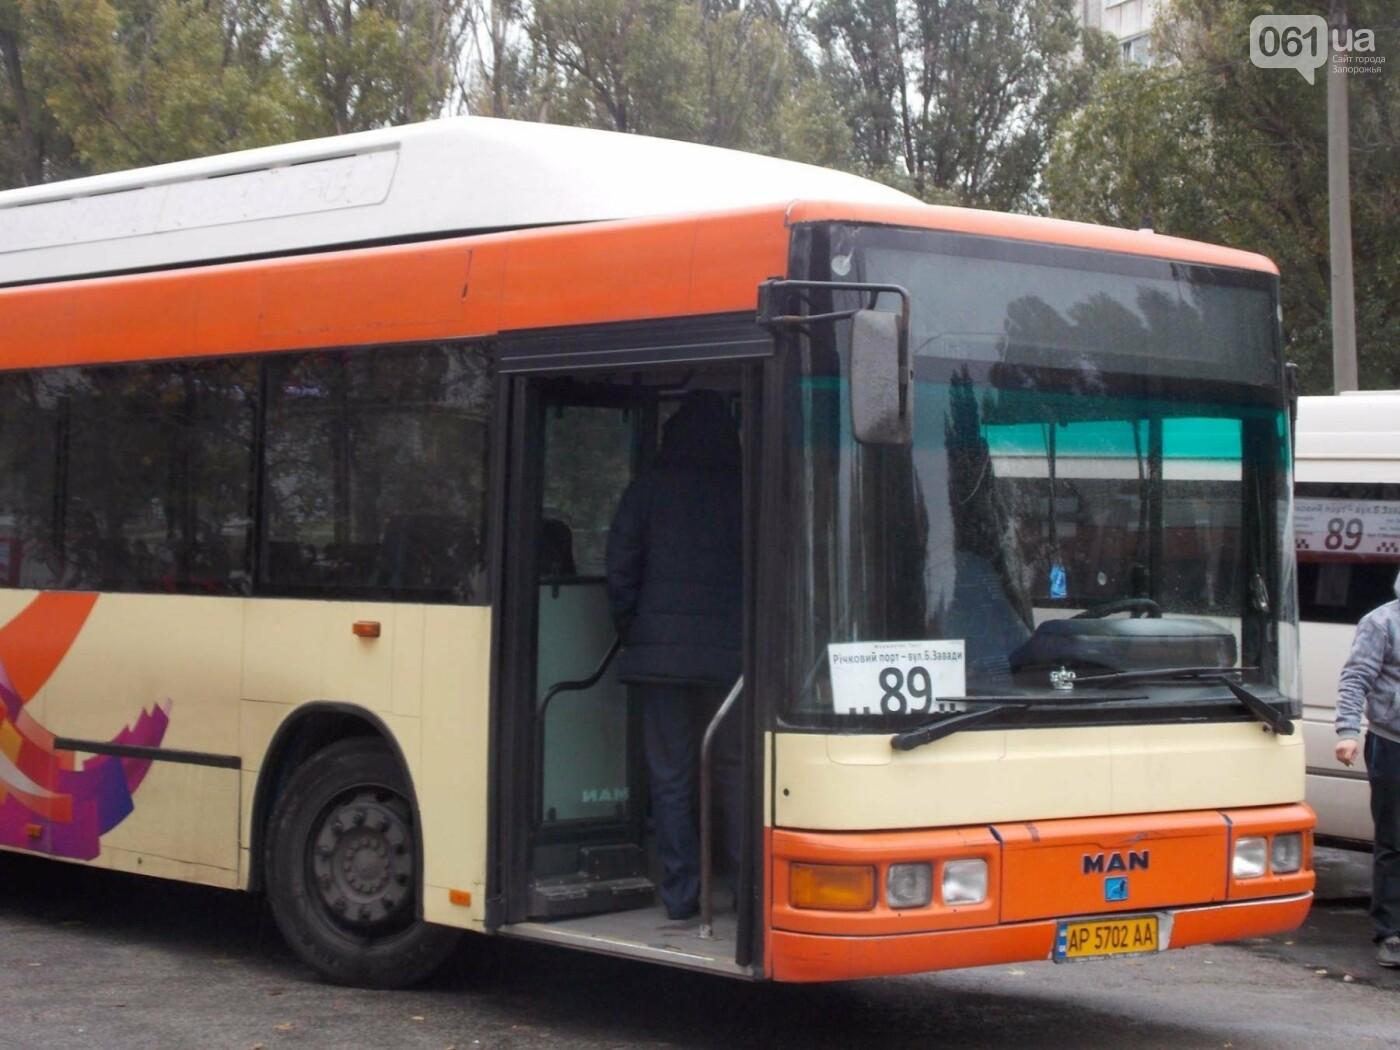 В Шевченковский район Запорожья на маршруте №89 будут ездить 100-местные автобусы, — ФОТО, фото-3